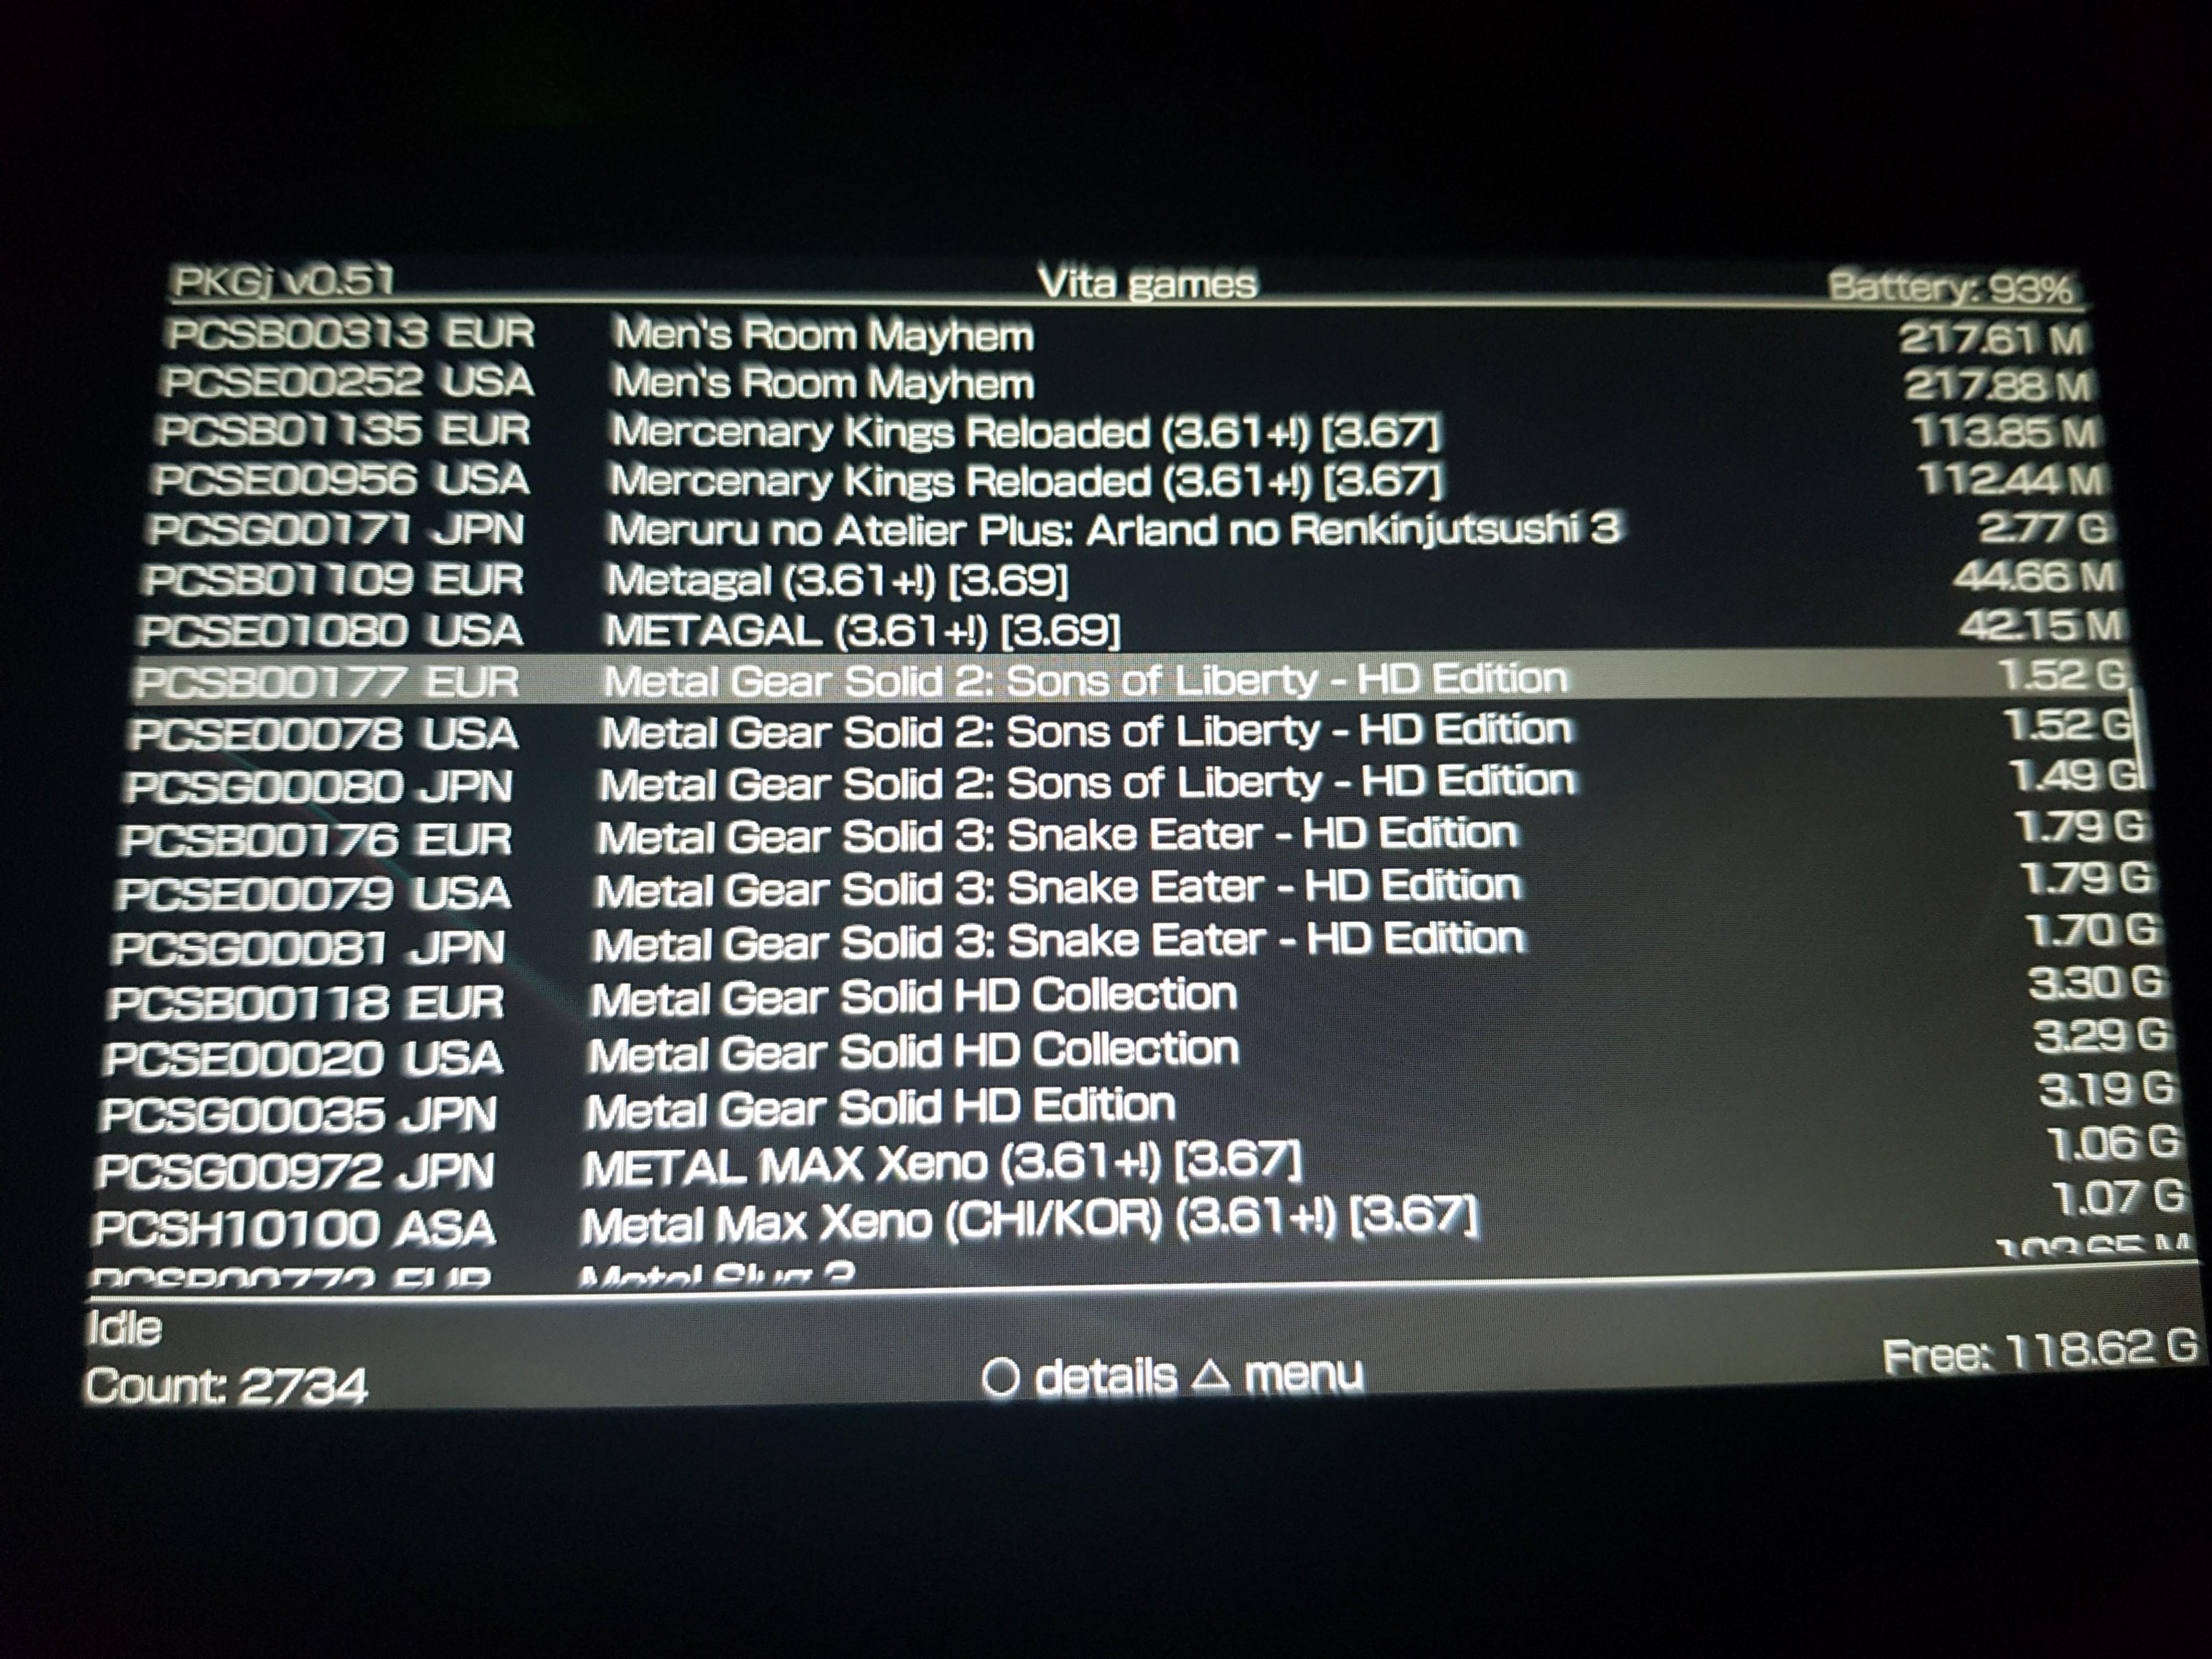 Ps vita modding service  All versions